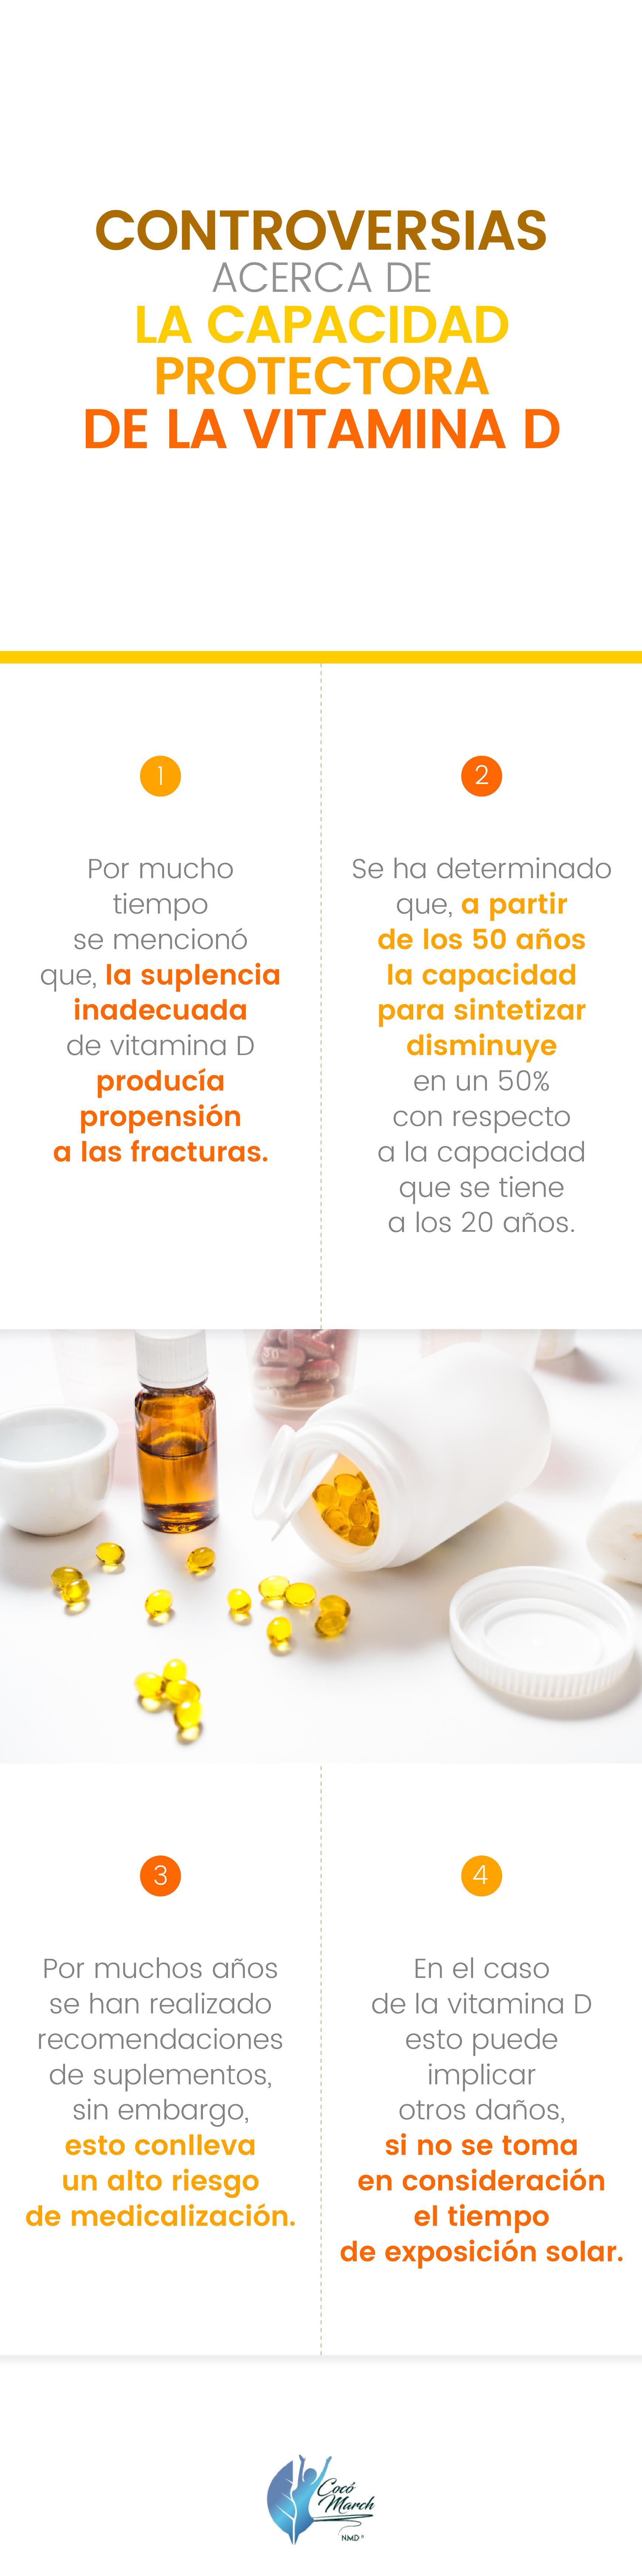 controversias-acerca-de-la-capacidad-protectora-de-la-vitamina-d